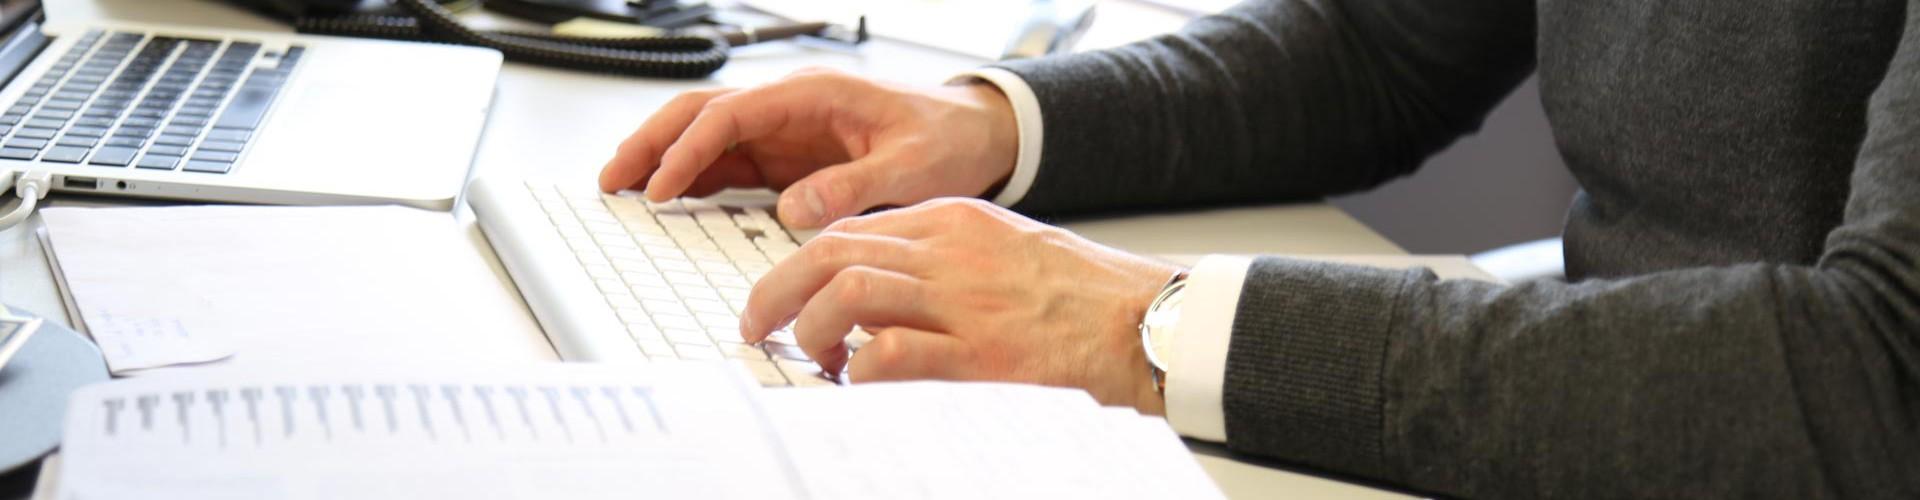 Marketingathleten - Desk - Buero